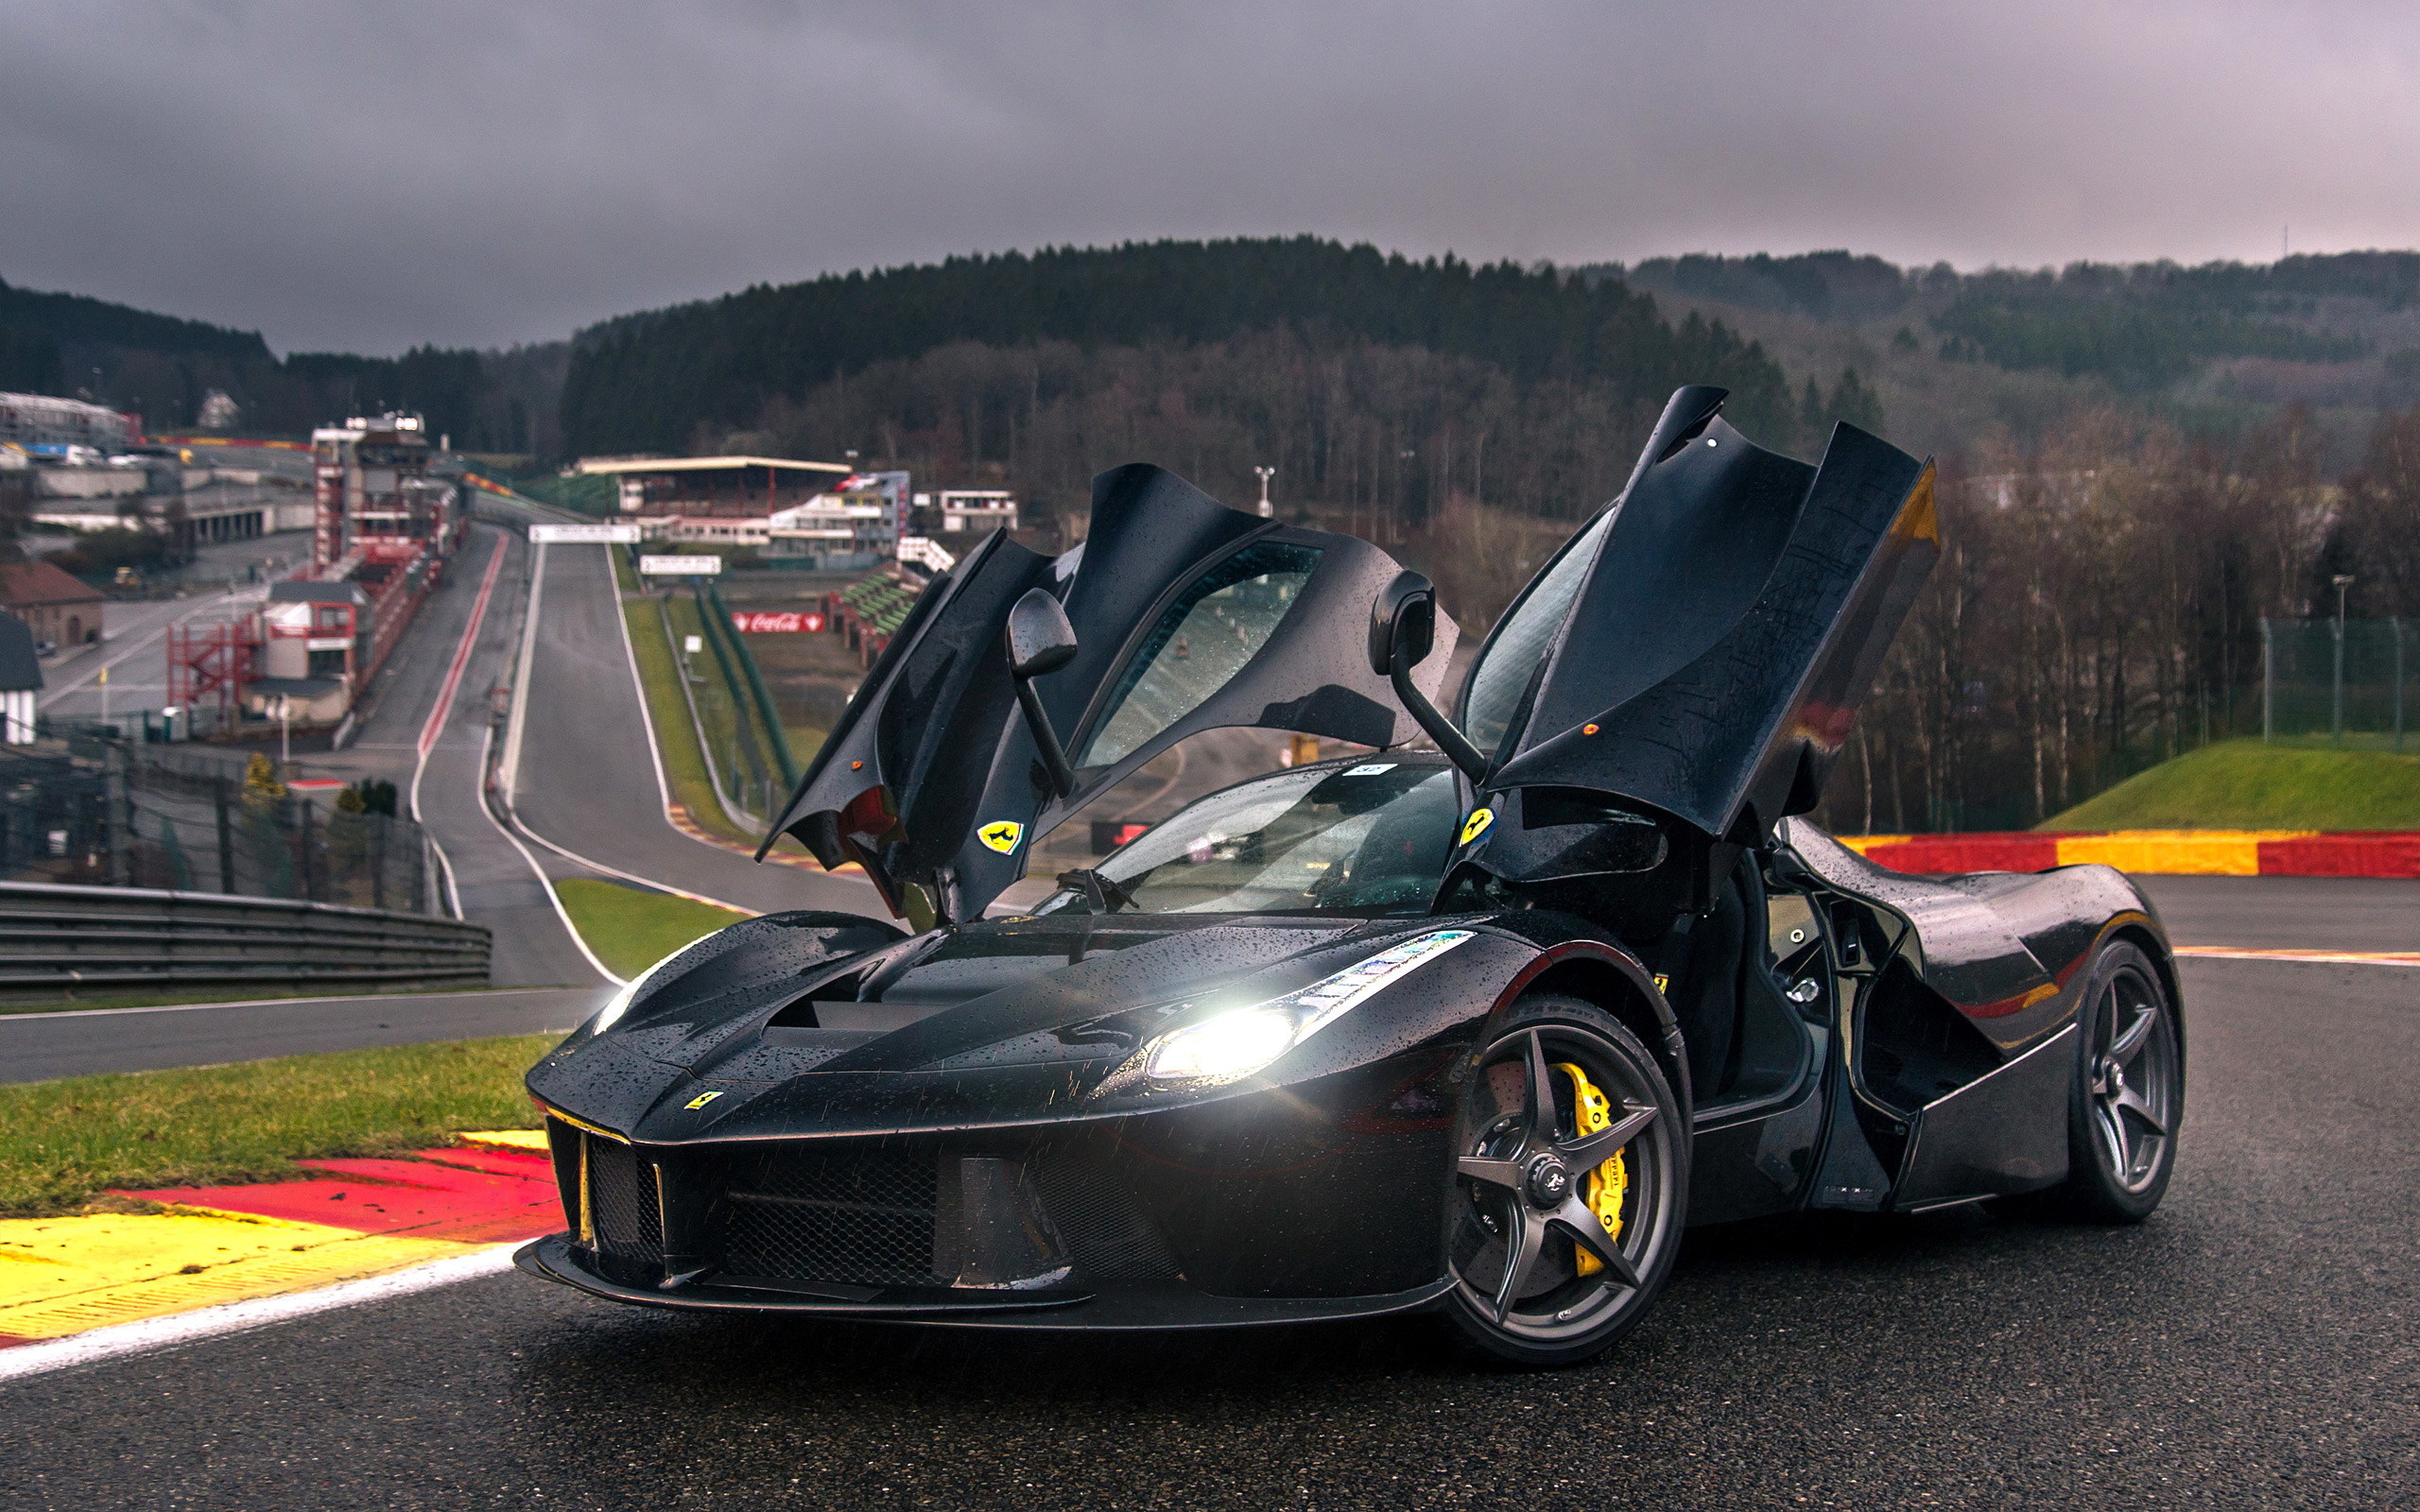 Ferrari fxx k цена, технические характеристики, фото и видео тест-драйв